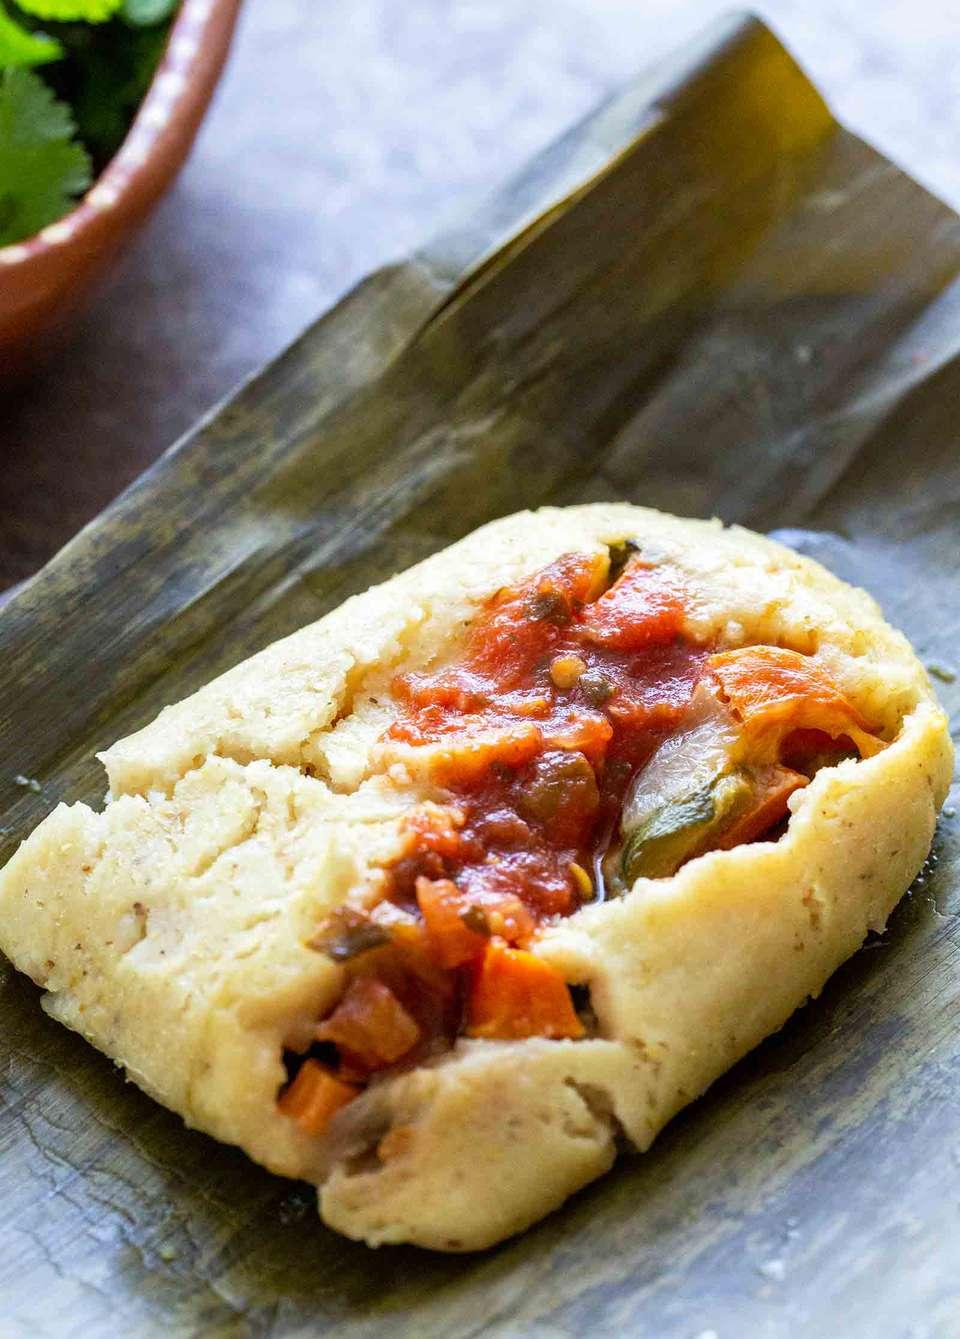 Banana Leaf Vegetarian Tamales